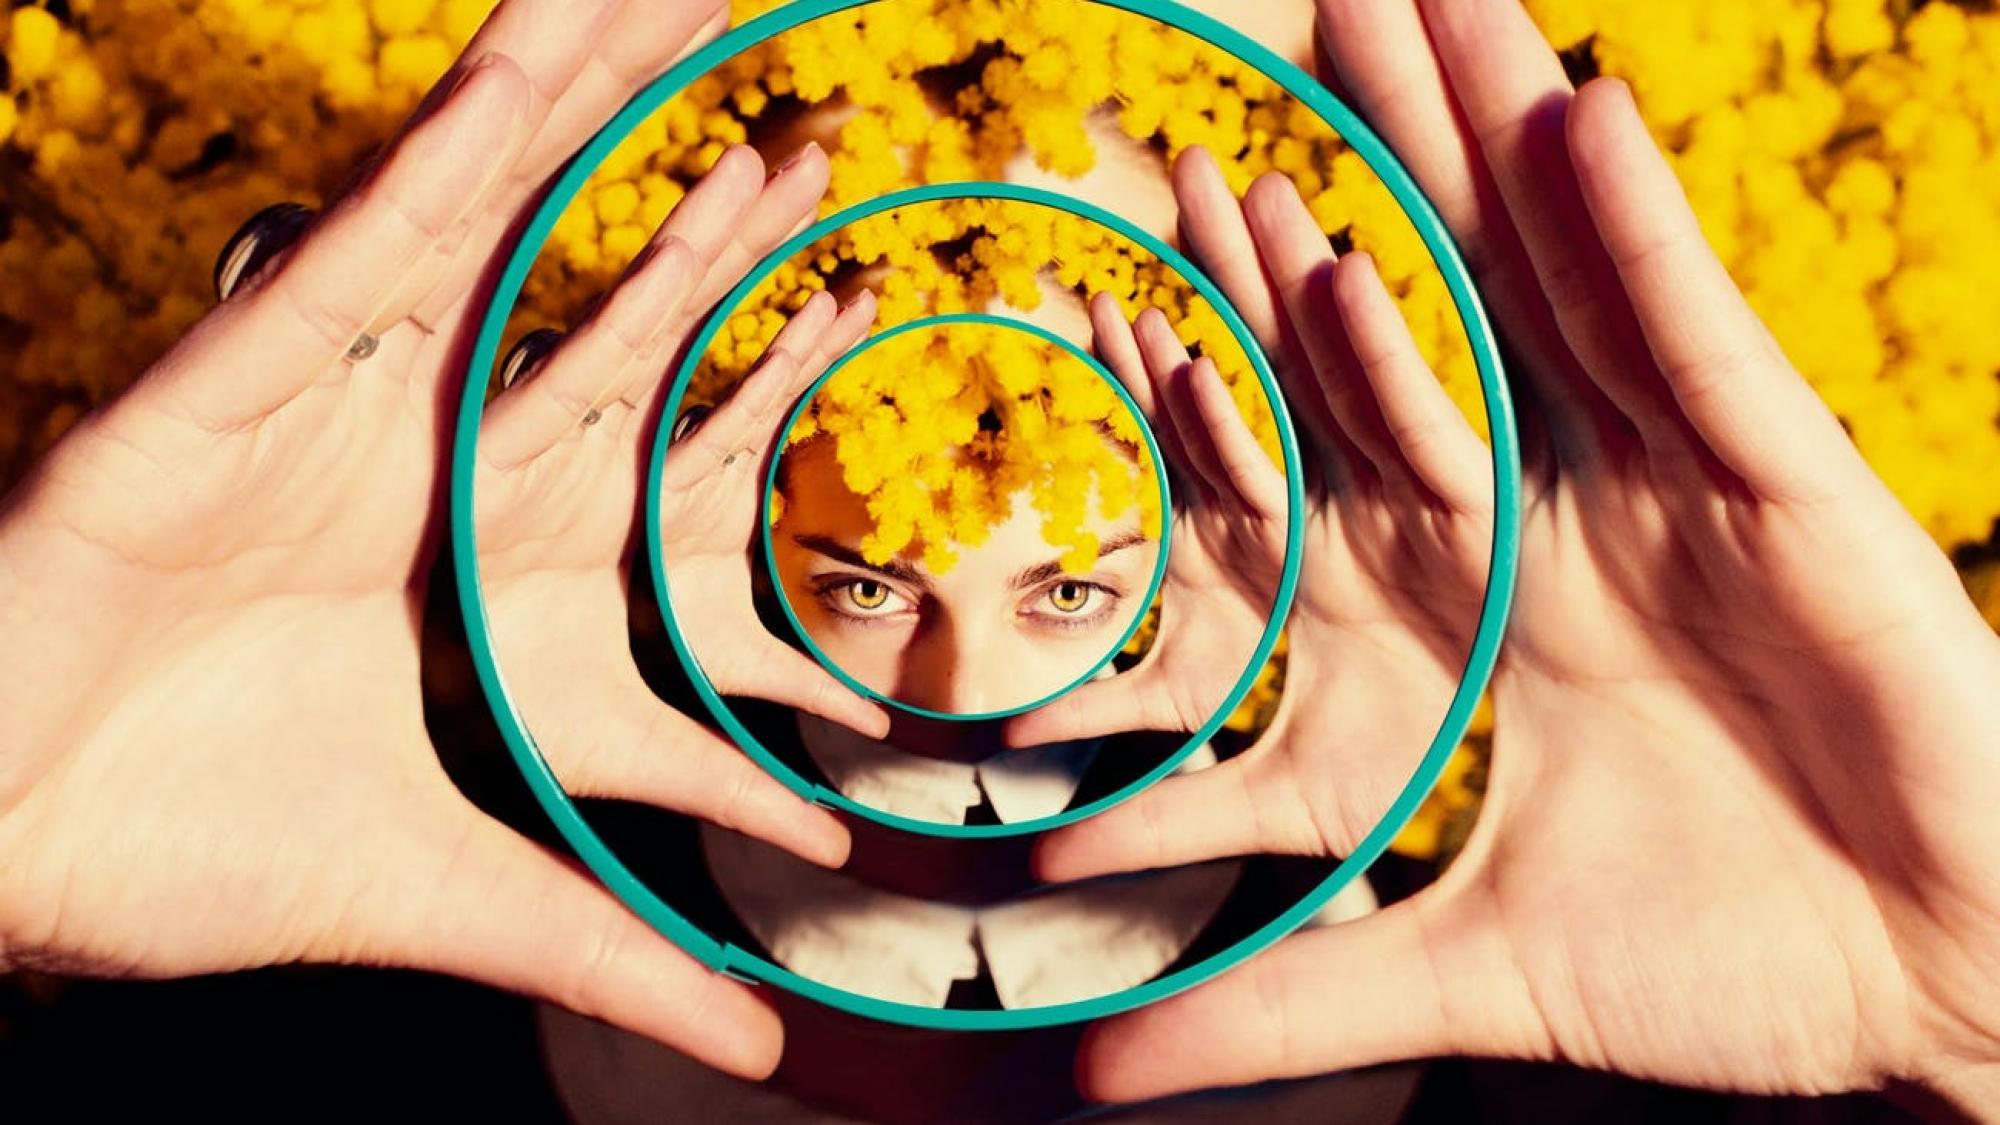 Photo by Miriam Espacio on Pexels.com